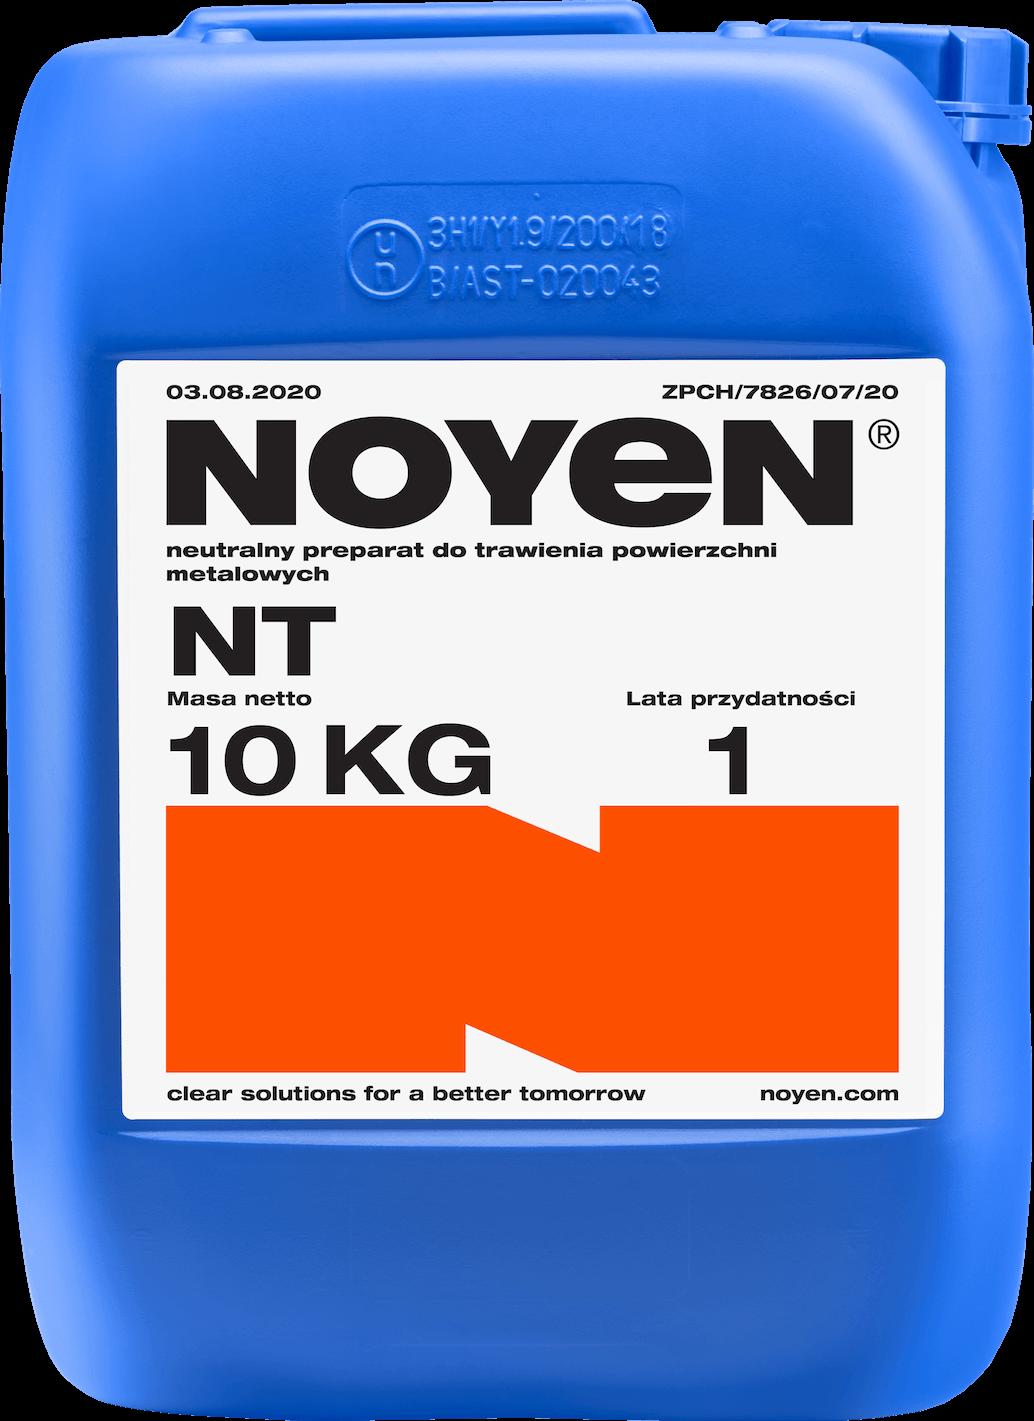 NT NOYEN 10 KG neutralny preparat do trawienia powierzchni metalowych w niebieskim kanistrze